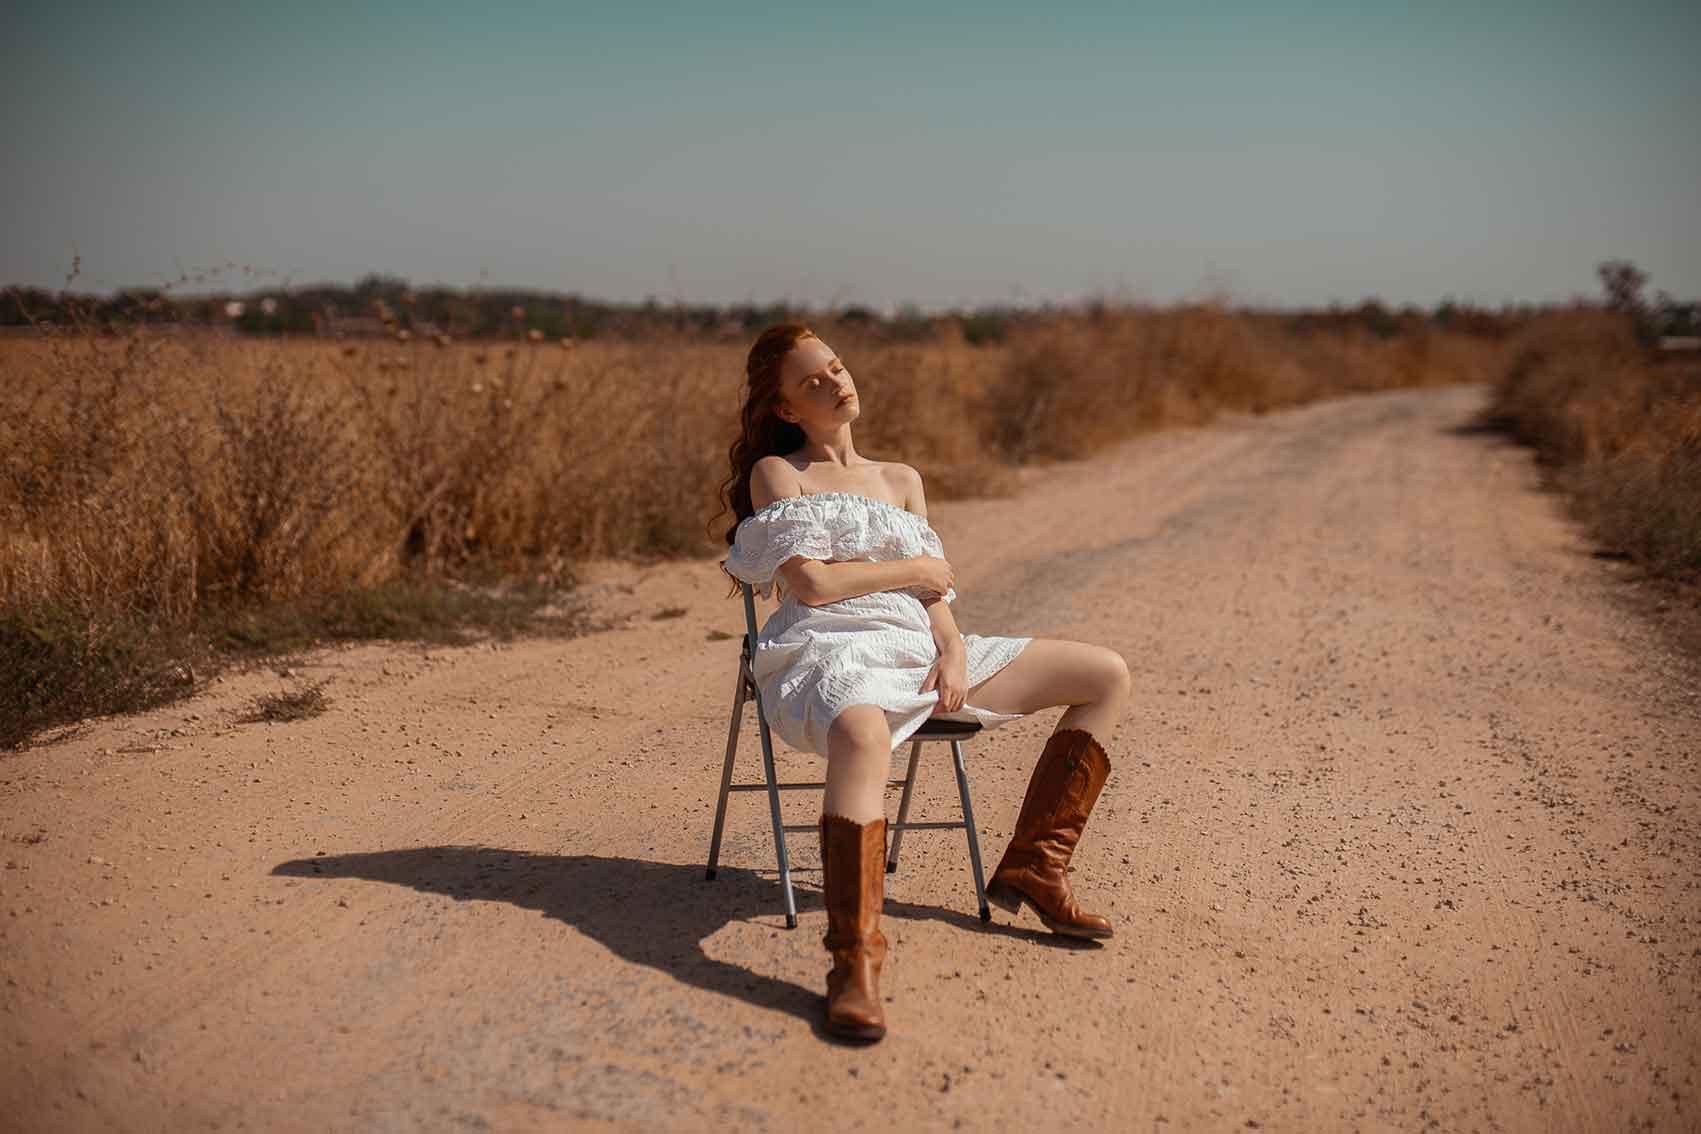 צילום: ליהי אדל חסון, סטיילינג: דניאל לוי, איפור: זיוות הרשקו, עיצוב שיער: גל זיגדון, דוגמנית: דנה קושניר-14